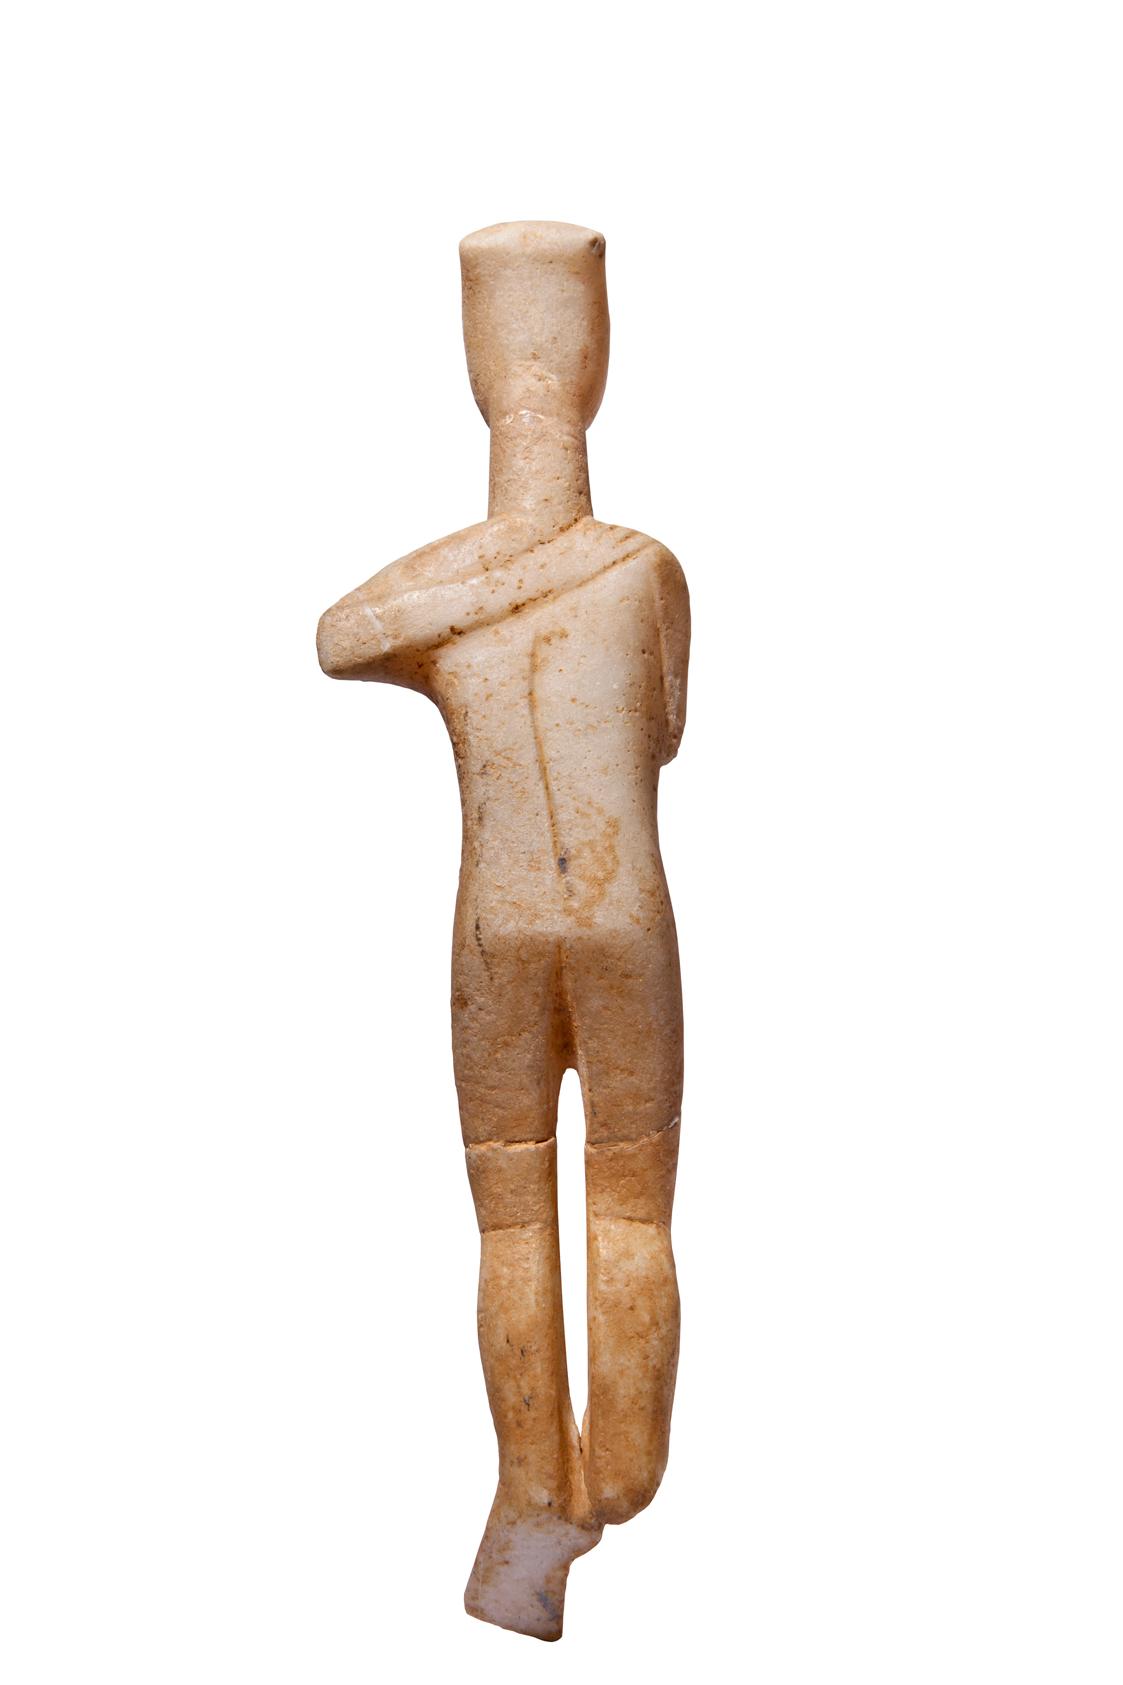 Μαρμάρινο γυναικείο ειδώλιο από σύμπλεγμα μορφών. Το χέρι στην πλάτη ανήκε σε άλλη μορφή, η οποία εναγκαλιζόταν τη σωζόμενη. Έπειτα από ατύχημα το σημείο θραύσης εξομαλύνθηκε και η θέση του χεριού αποδόθηκε εντελώς αφύσικα. (περ. 2700-2400/2300 π.Χ.) Αθήνα, Μουσείο Κυκλαδικής Τέχνης, ΝΓ 330. Photo © Μουσείο Κυκλαδικής Τέχνης/Ειρ. Μίαρη